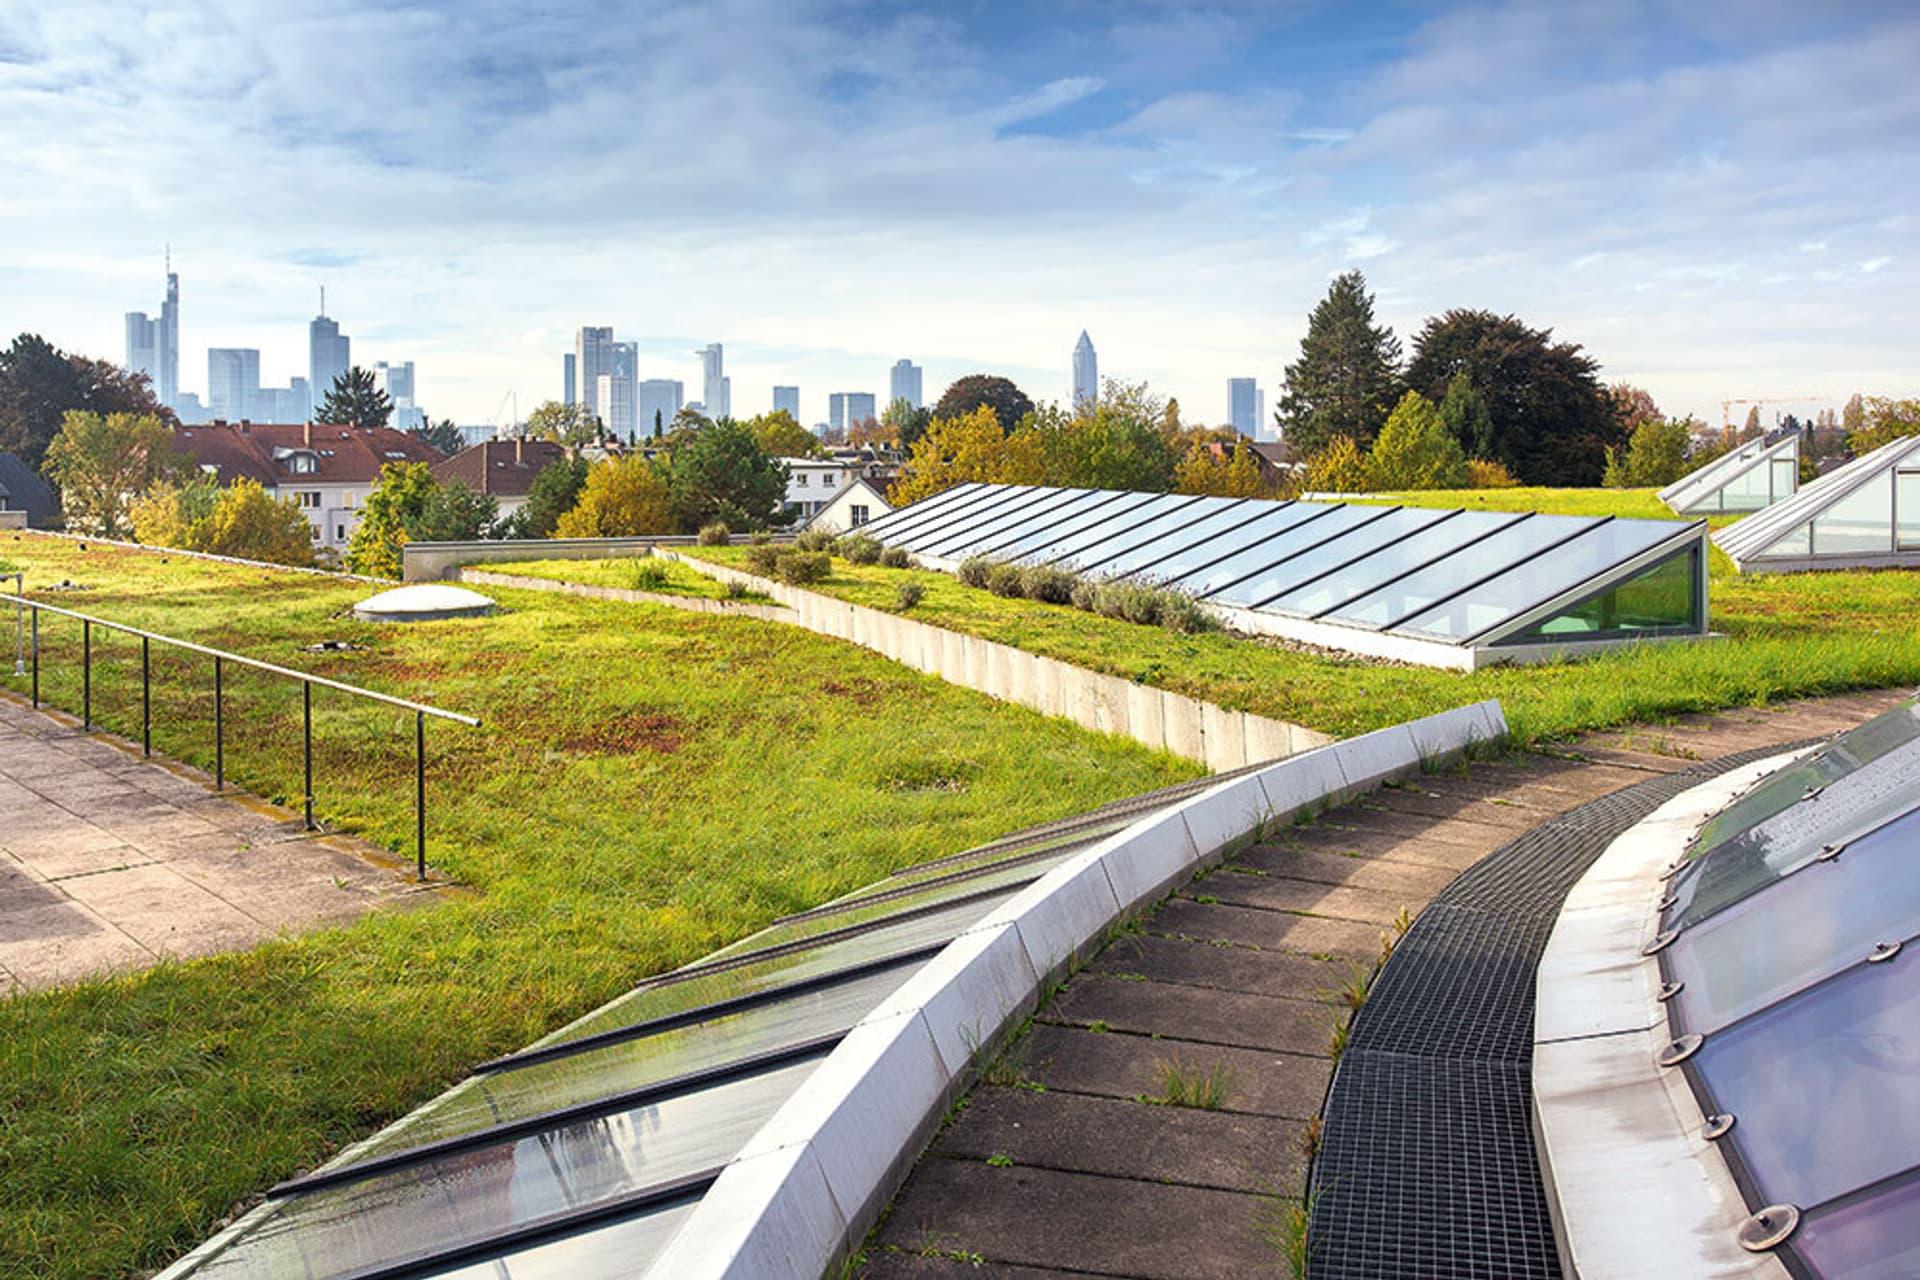 Das Dach der Deutschen Bibliothek in Frankfurt ist begrünt, teils begehbar und hat Dachfenster. Im Hintergrund ragen die Hochhäuser der in den Himmel